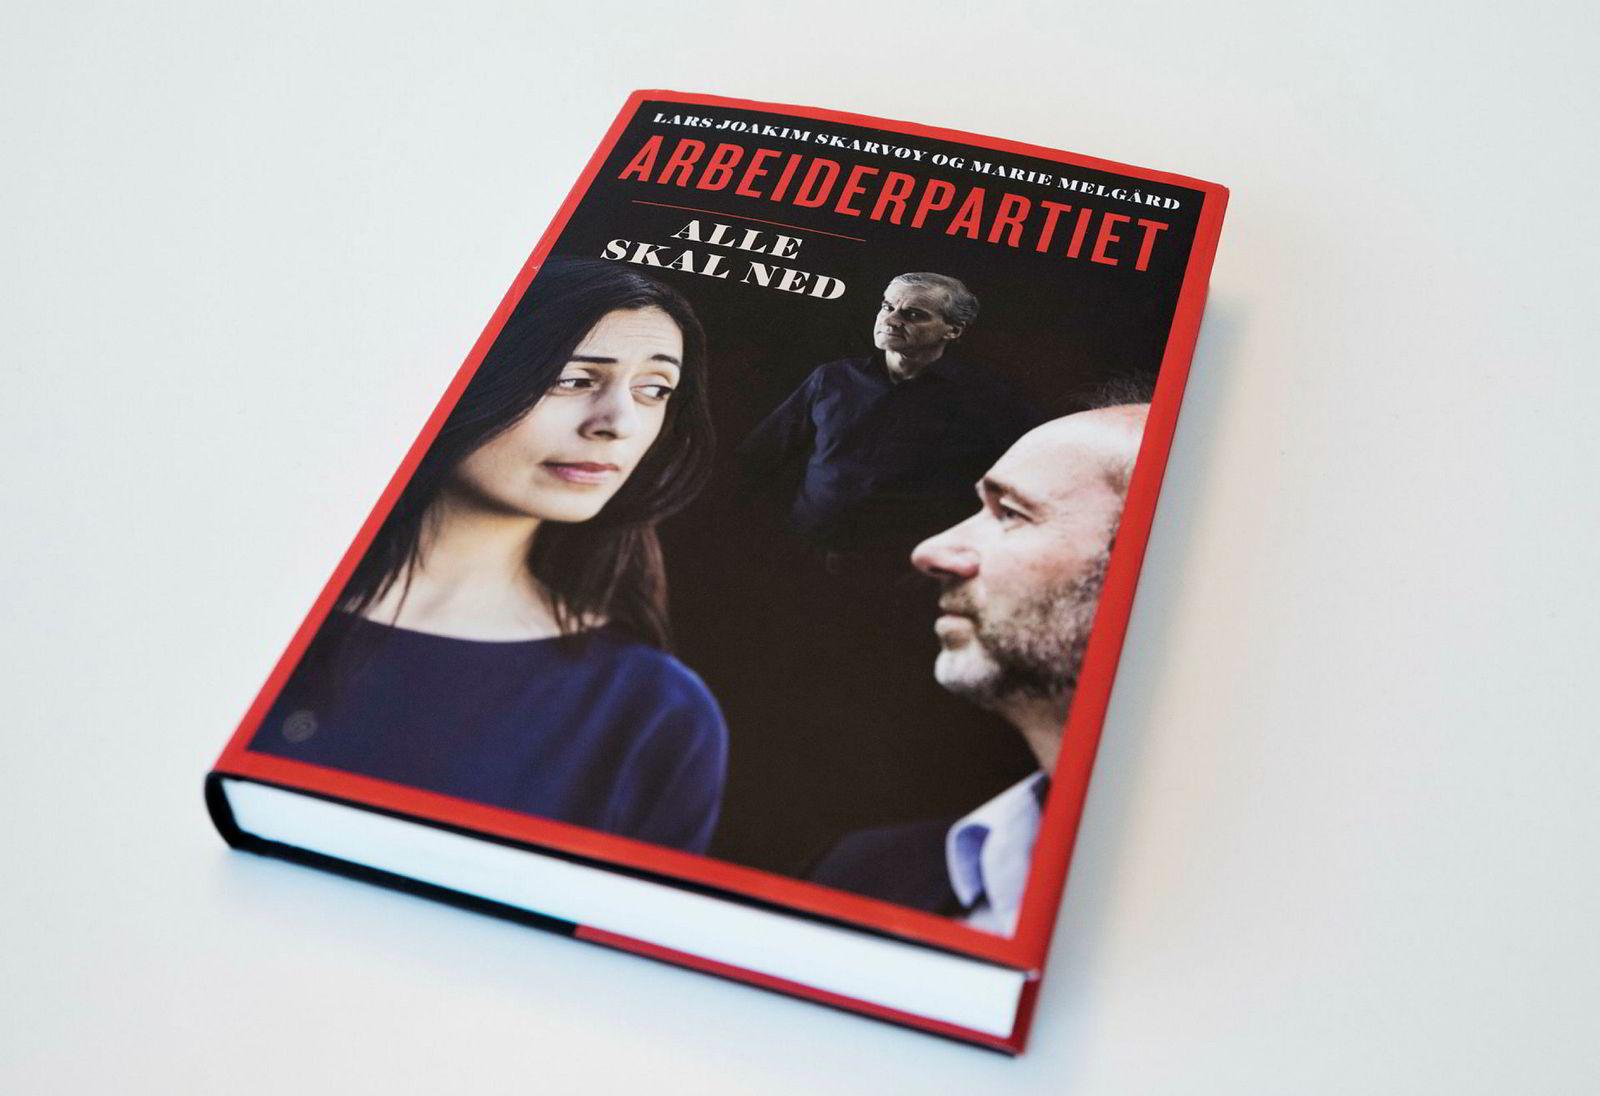 Arbeiderpartiet alle skal ned, av Lars Joakim Skarvøy og Marie Melgård